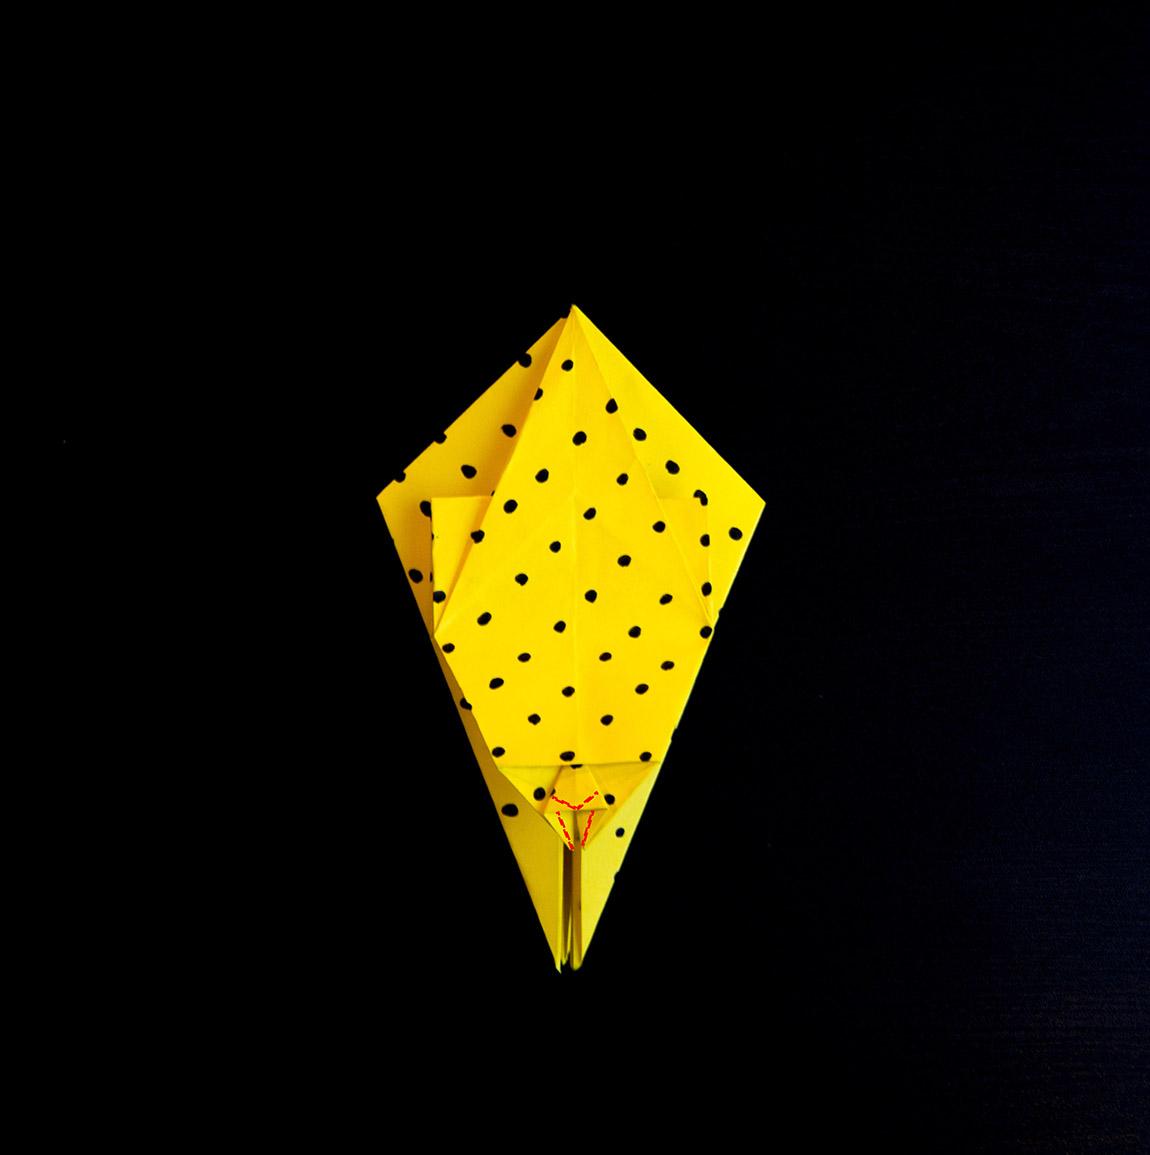 Plie le long de la diagonale de sorte à former un triangle